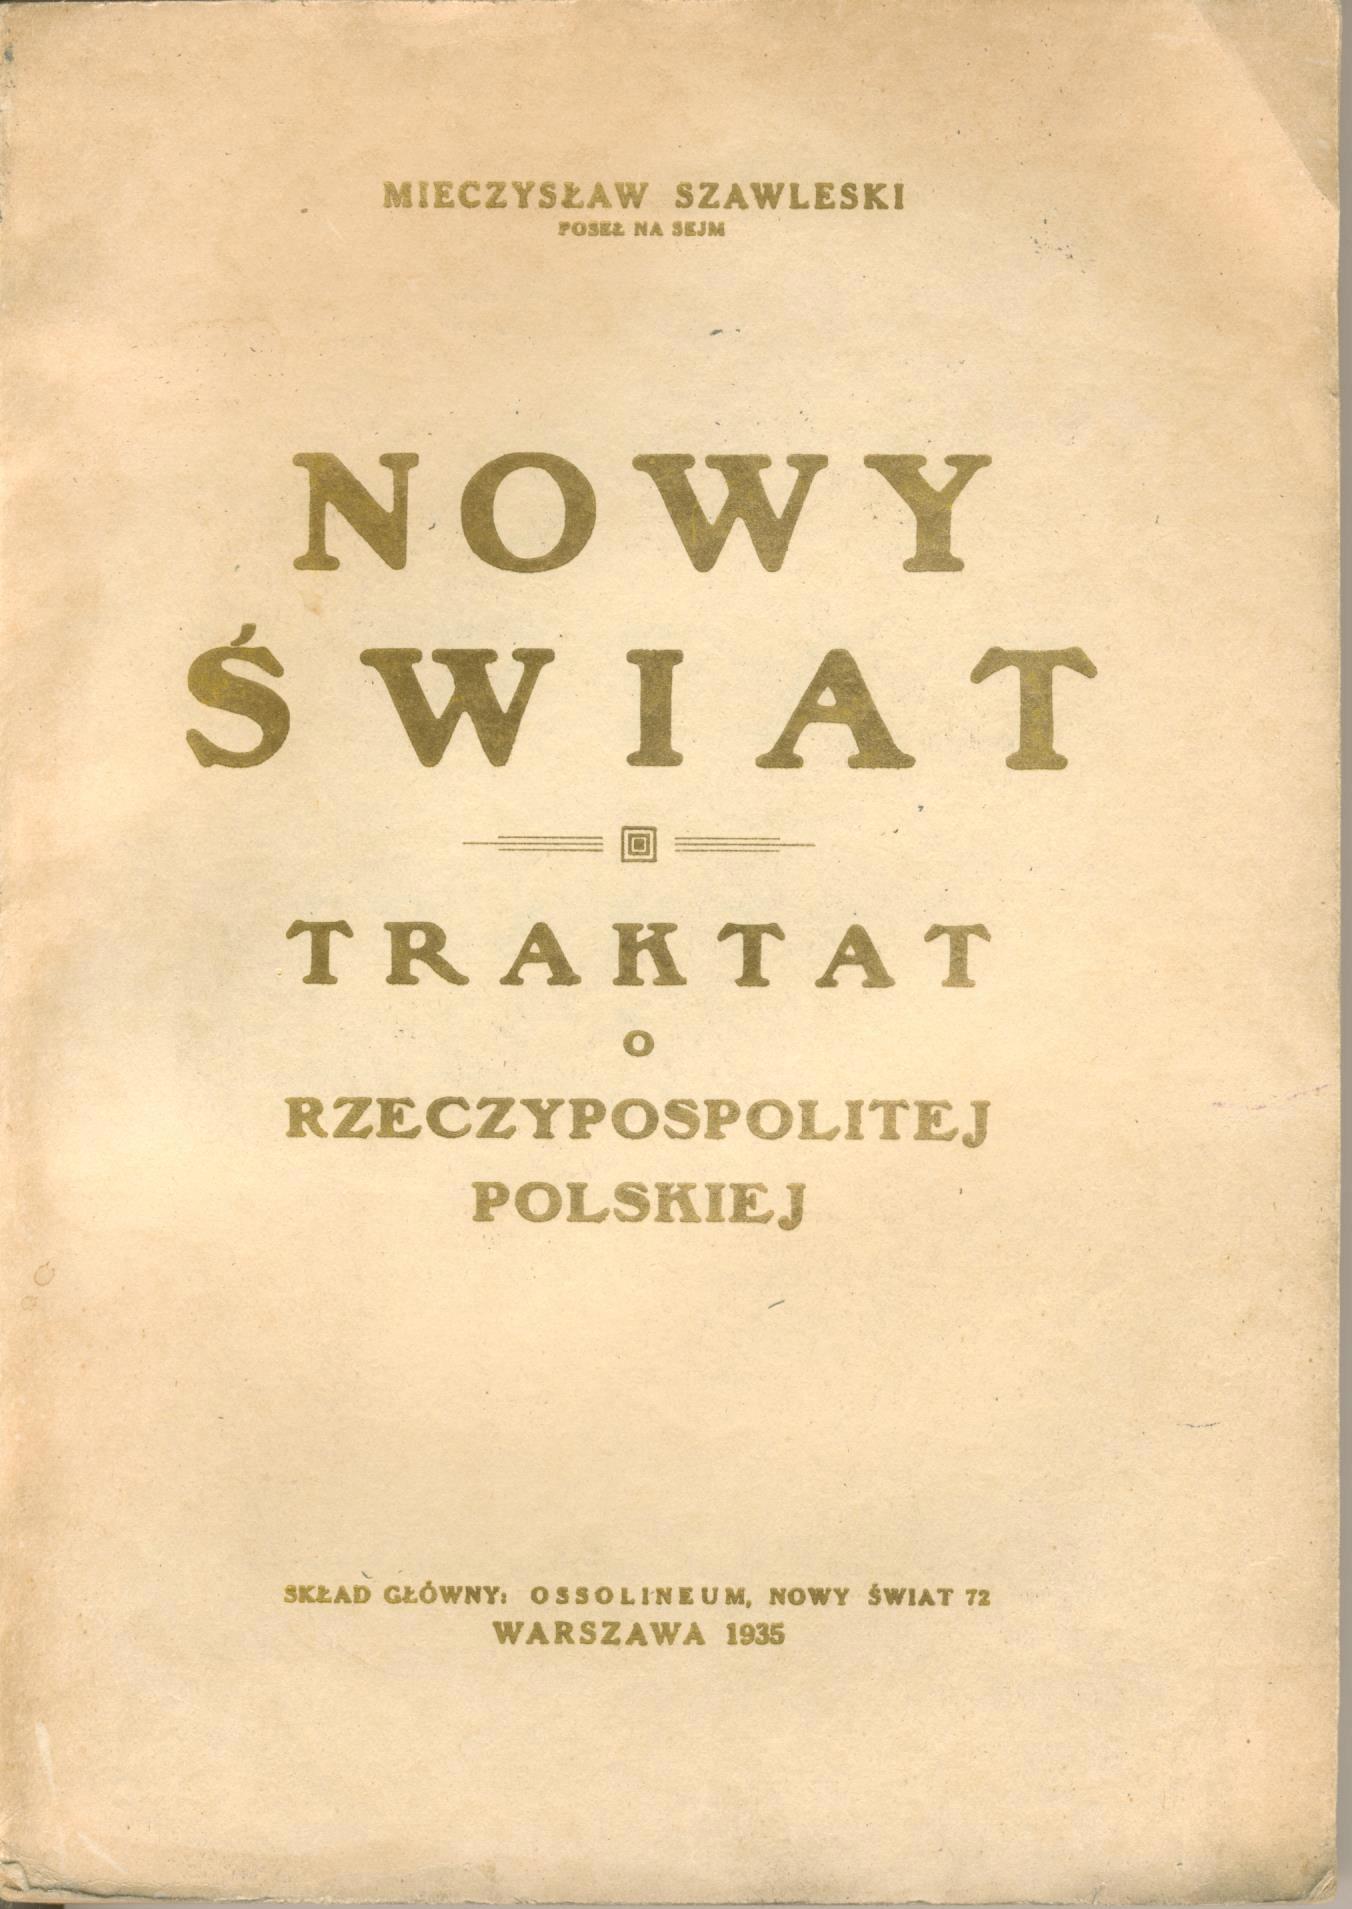 M.Szawleski -Nowy Świat, Nowy ustrój polityczny RP